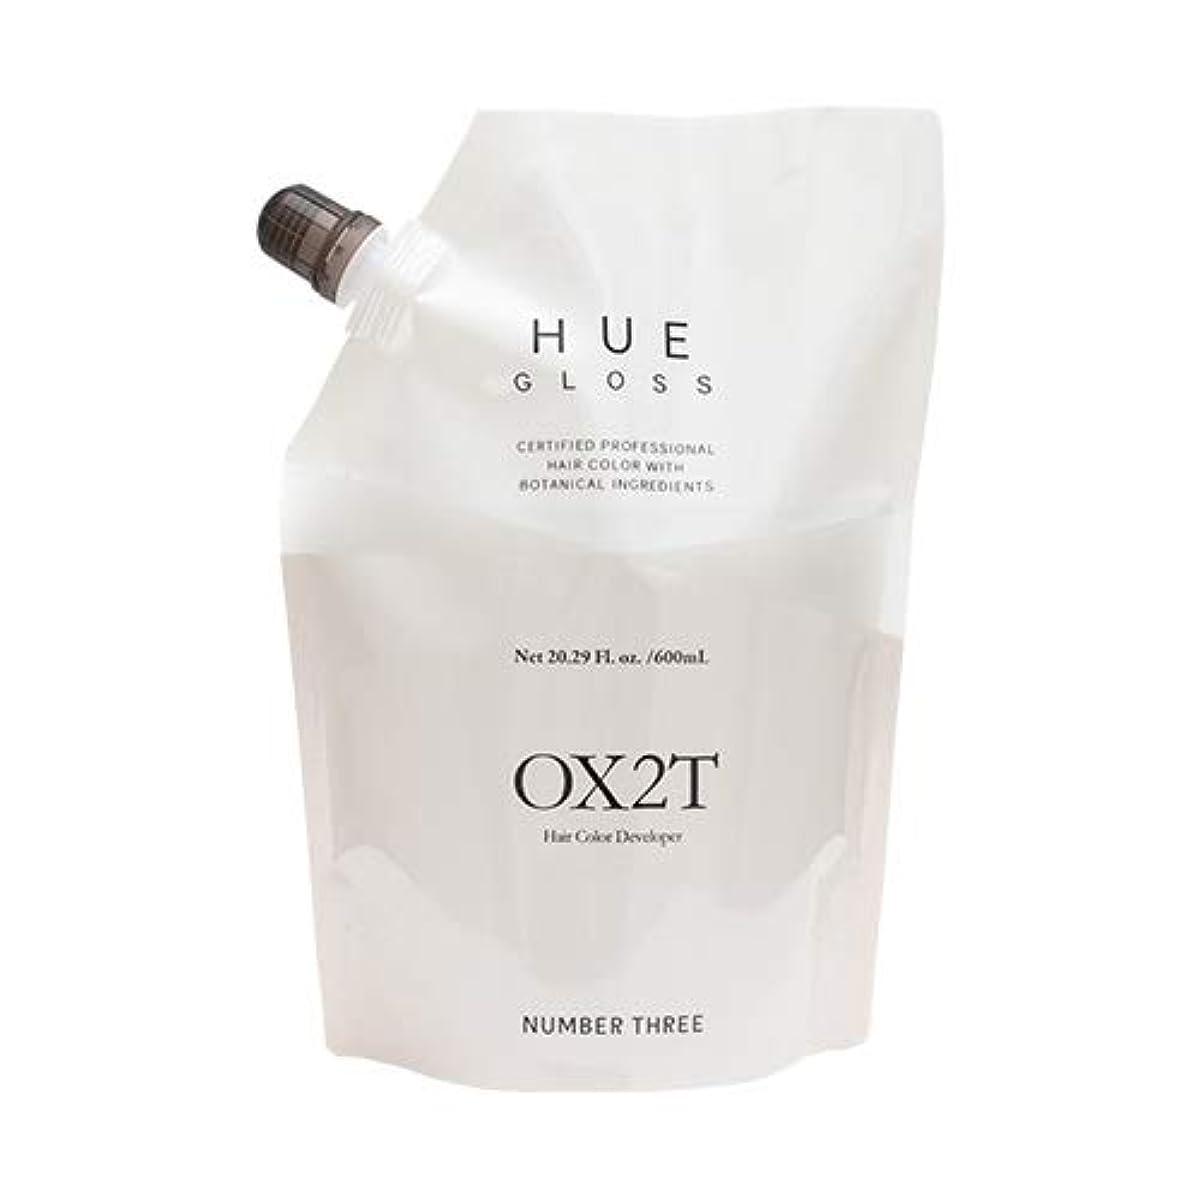 すごいプロテスタントチーターナンバースリーヒュウ OX2T 600mL 酸化剤(過酸化水素2%) 第2剤